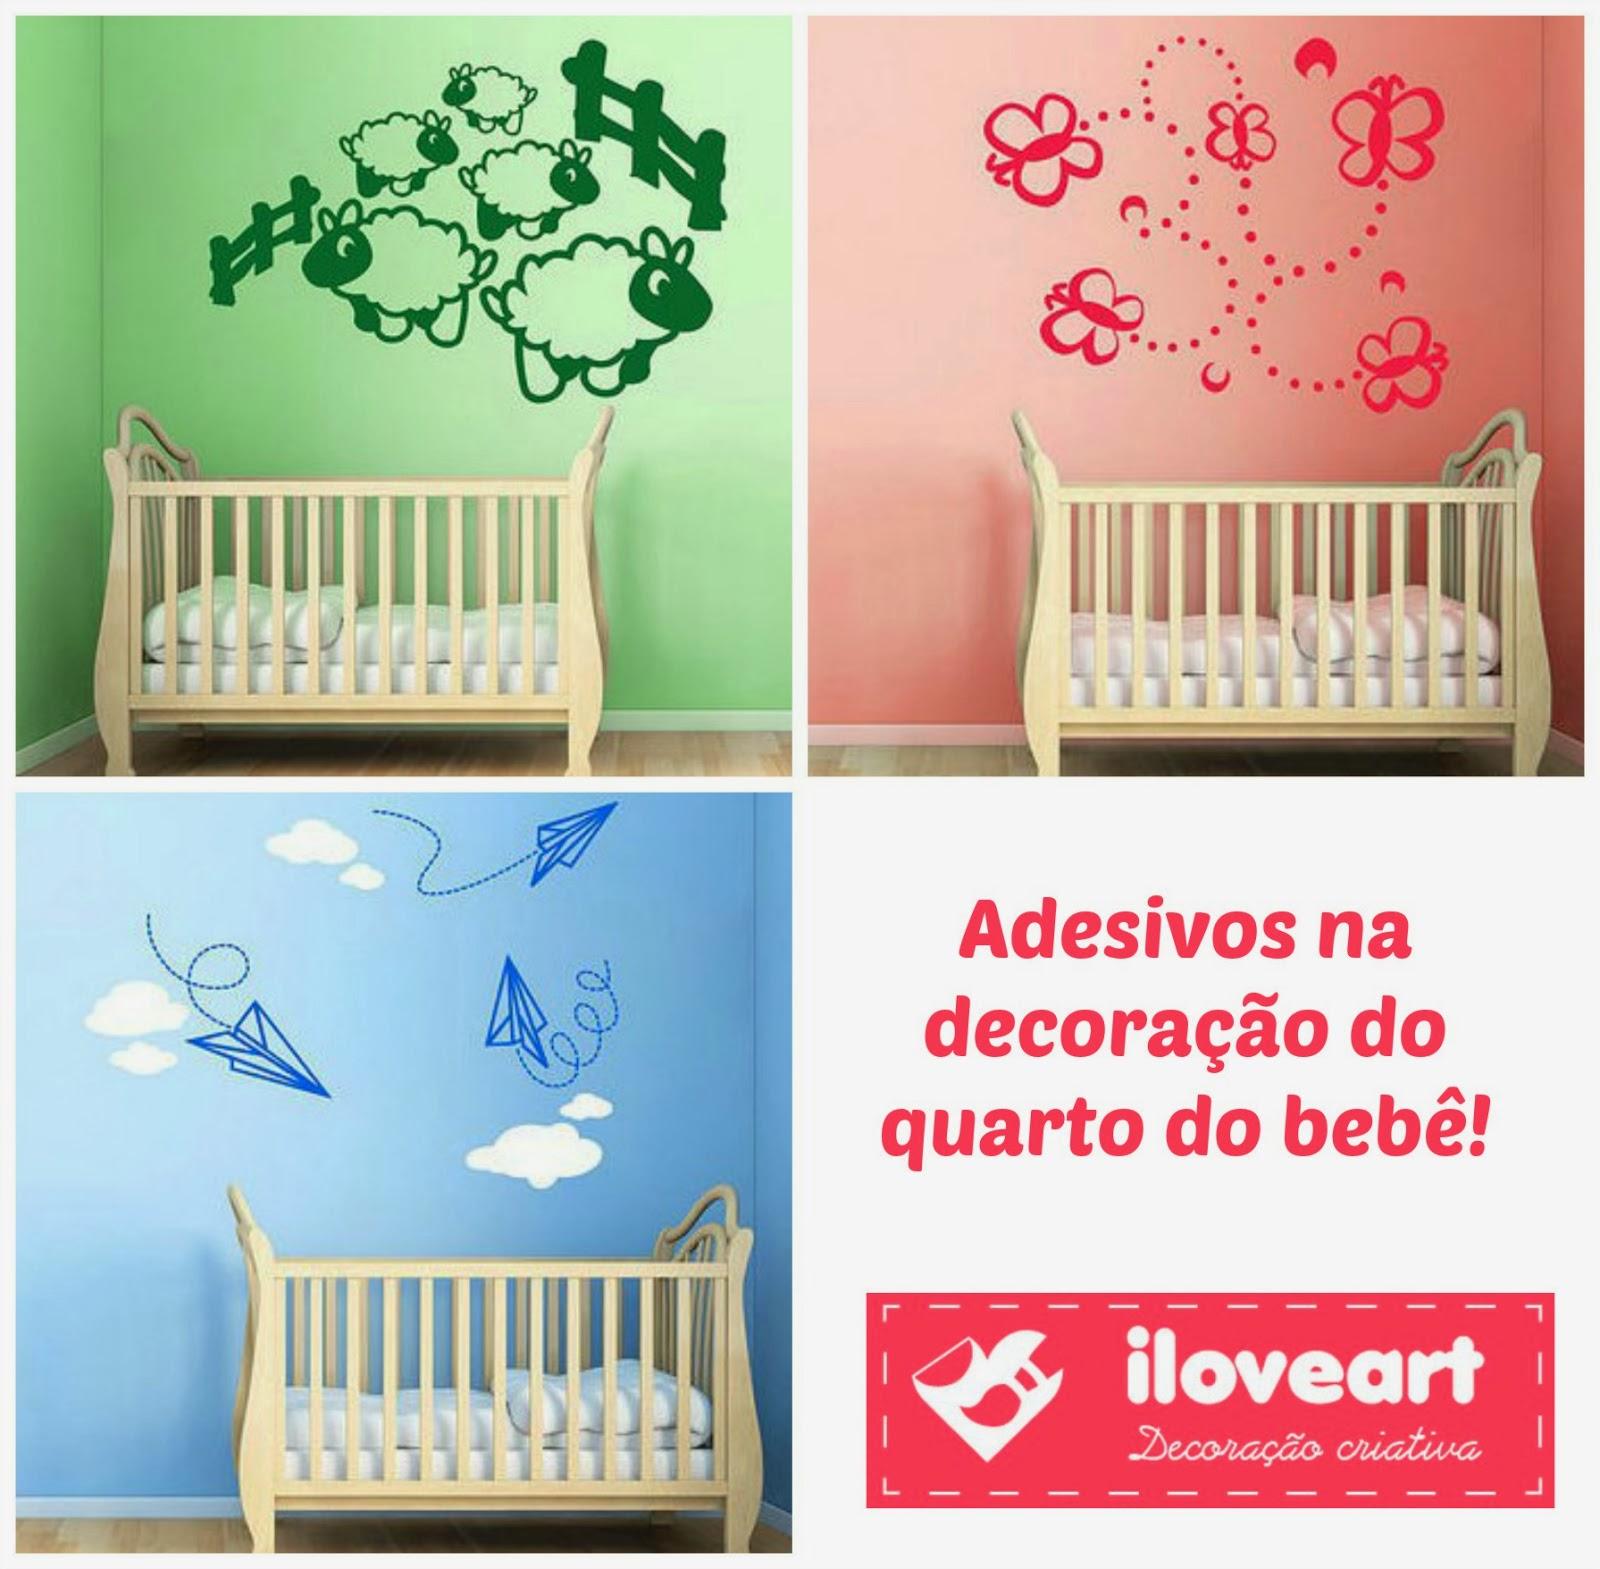 Adesivo de parede decorativo sobre o berço do bebê